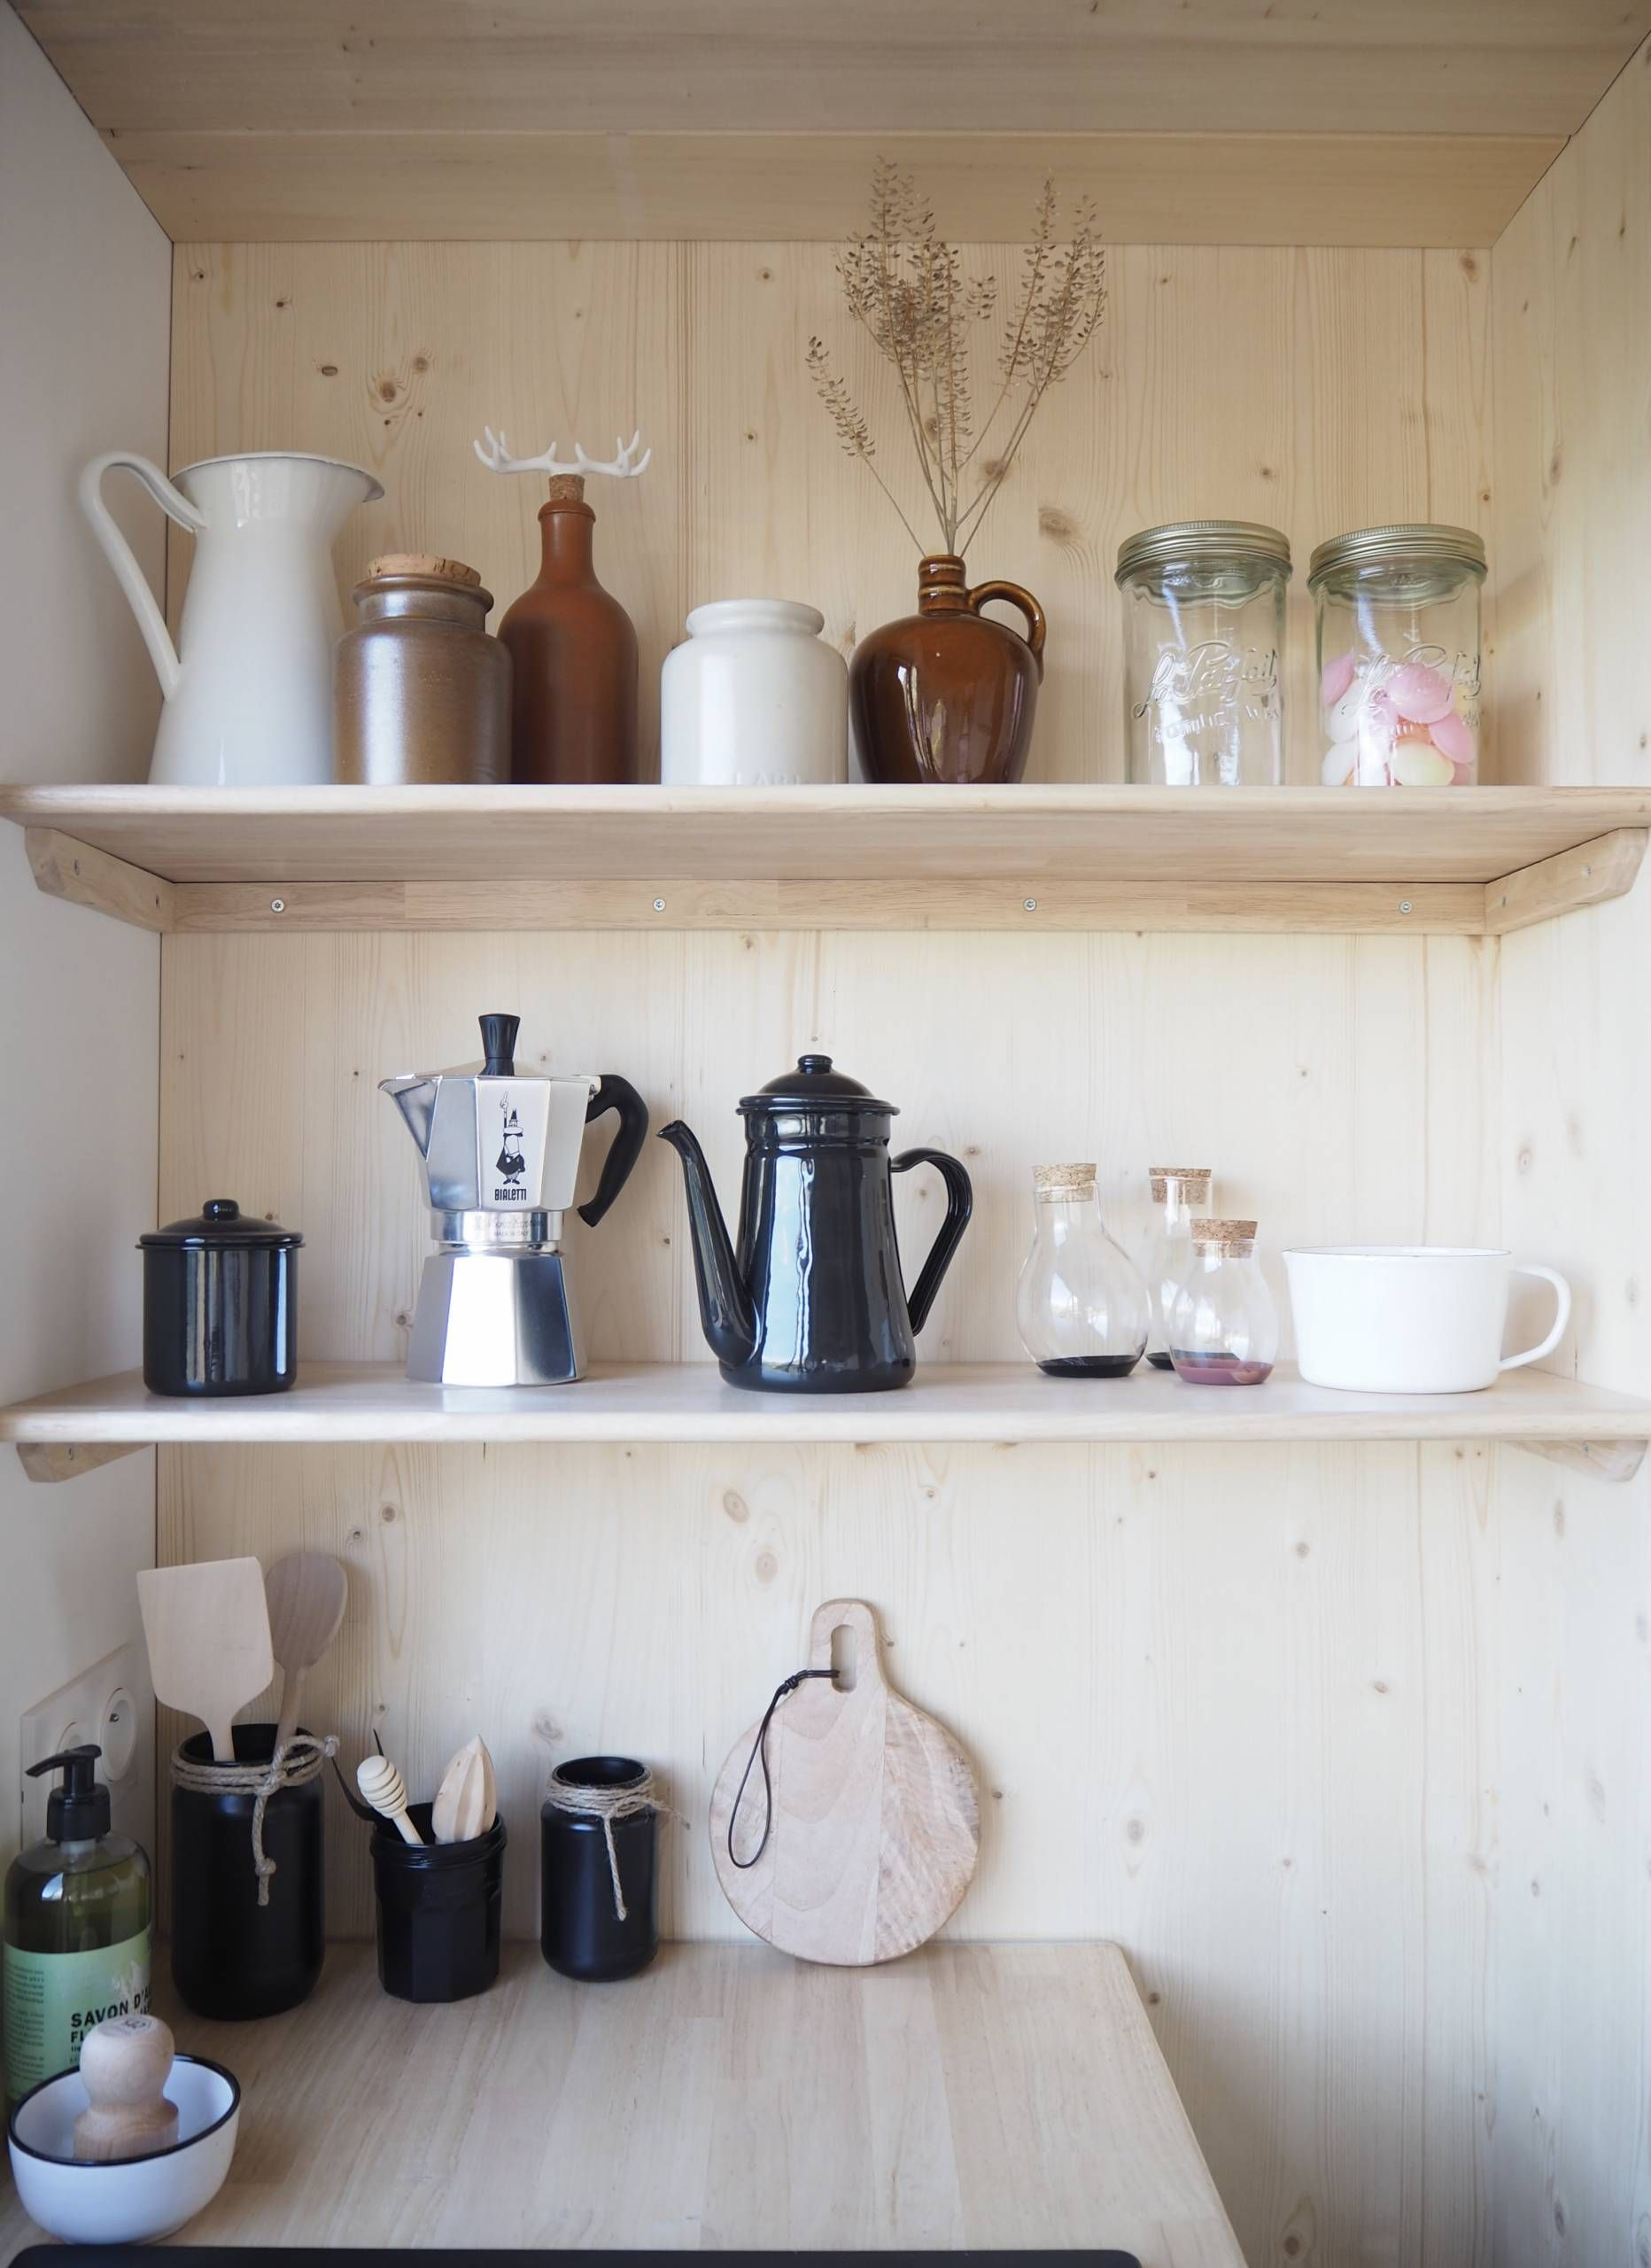 Bienvenue Dans La Tiny House Scandinave D Agnes Alias La Prune Du Jardin Hello Blogzine En 2020 Caisson Bois Plancher Bois Oeil De Boeuf